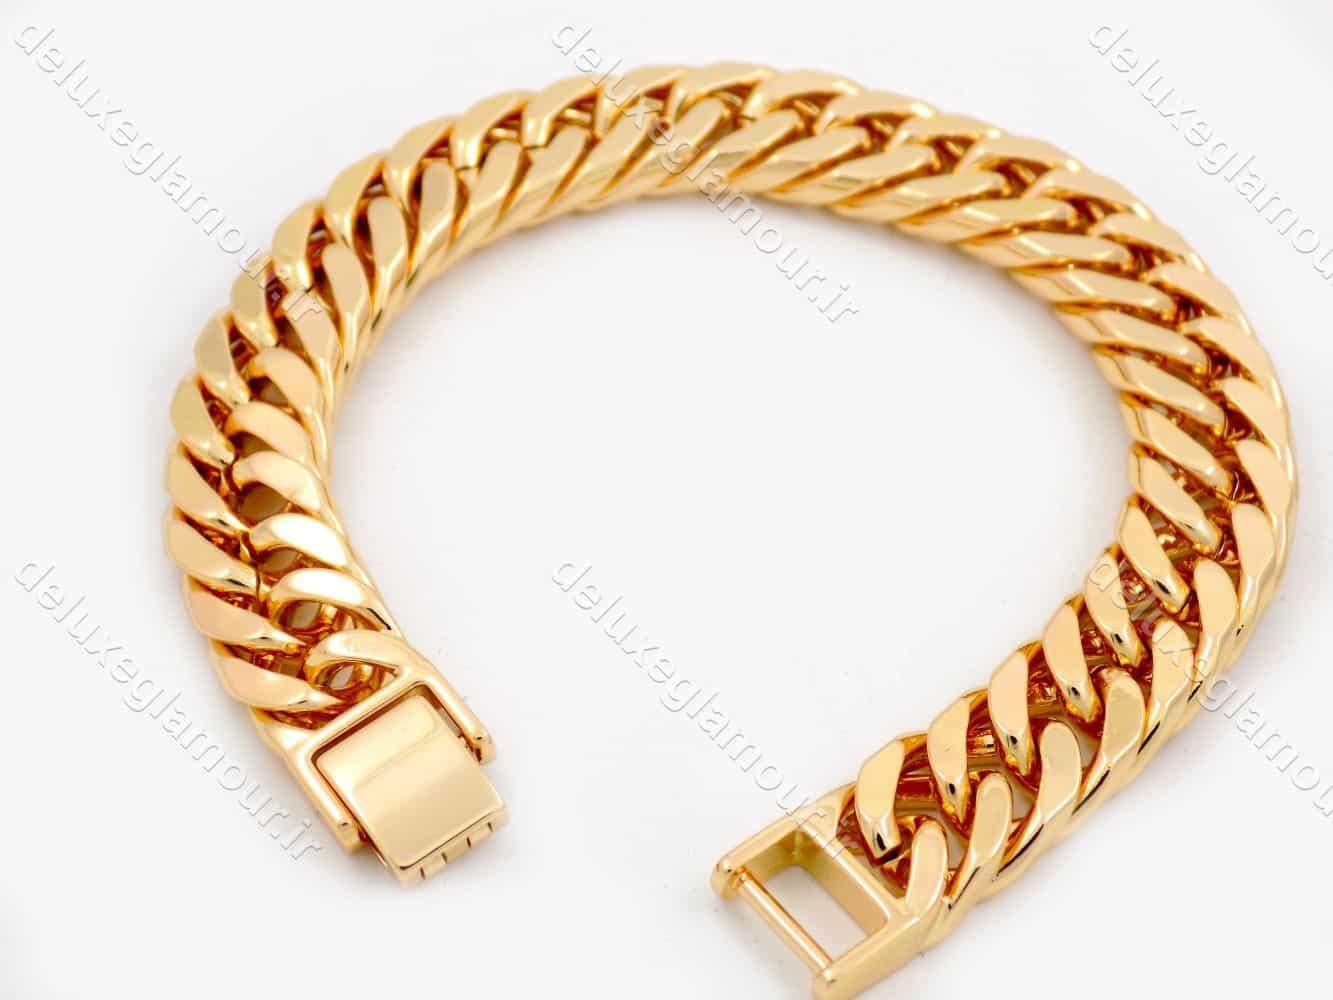 دستبند زنانه ژوپینگ طرح کارتیر با قفل جعبه ای ds-n190